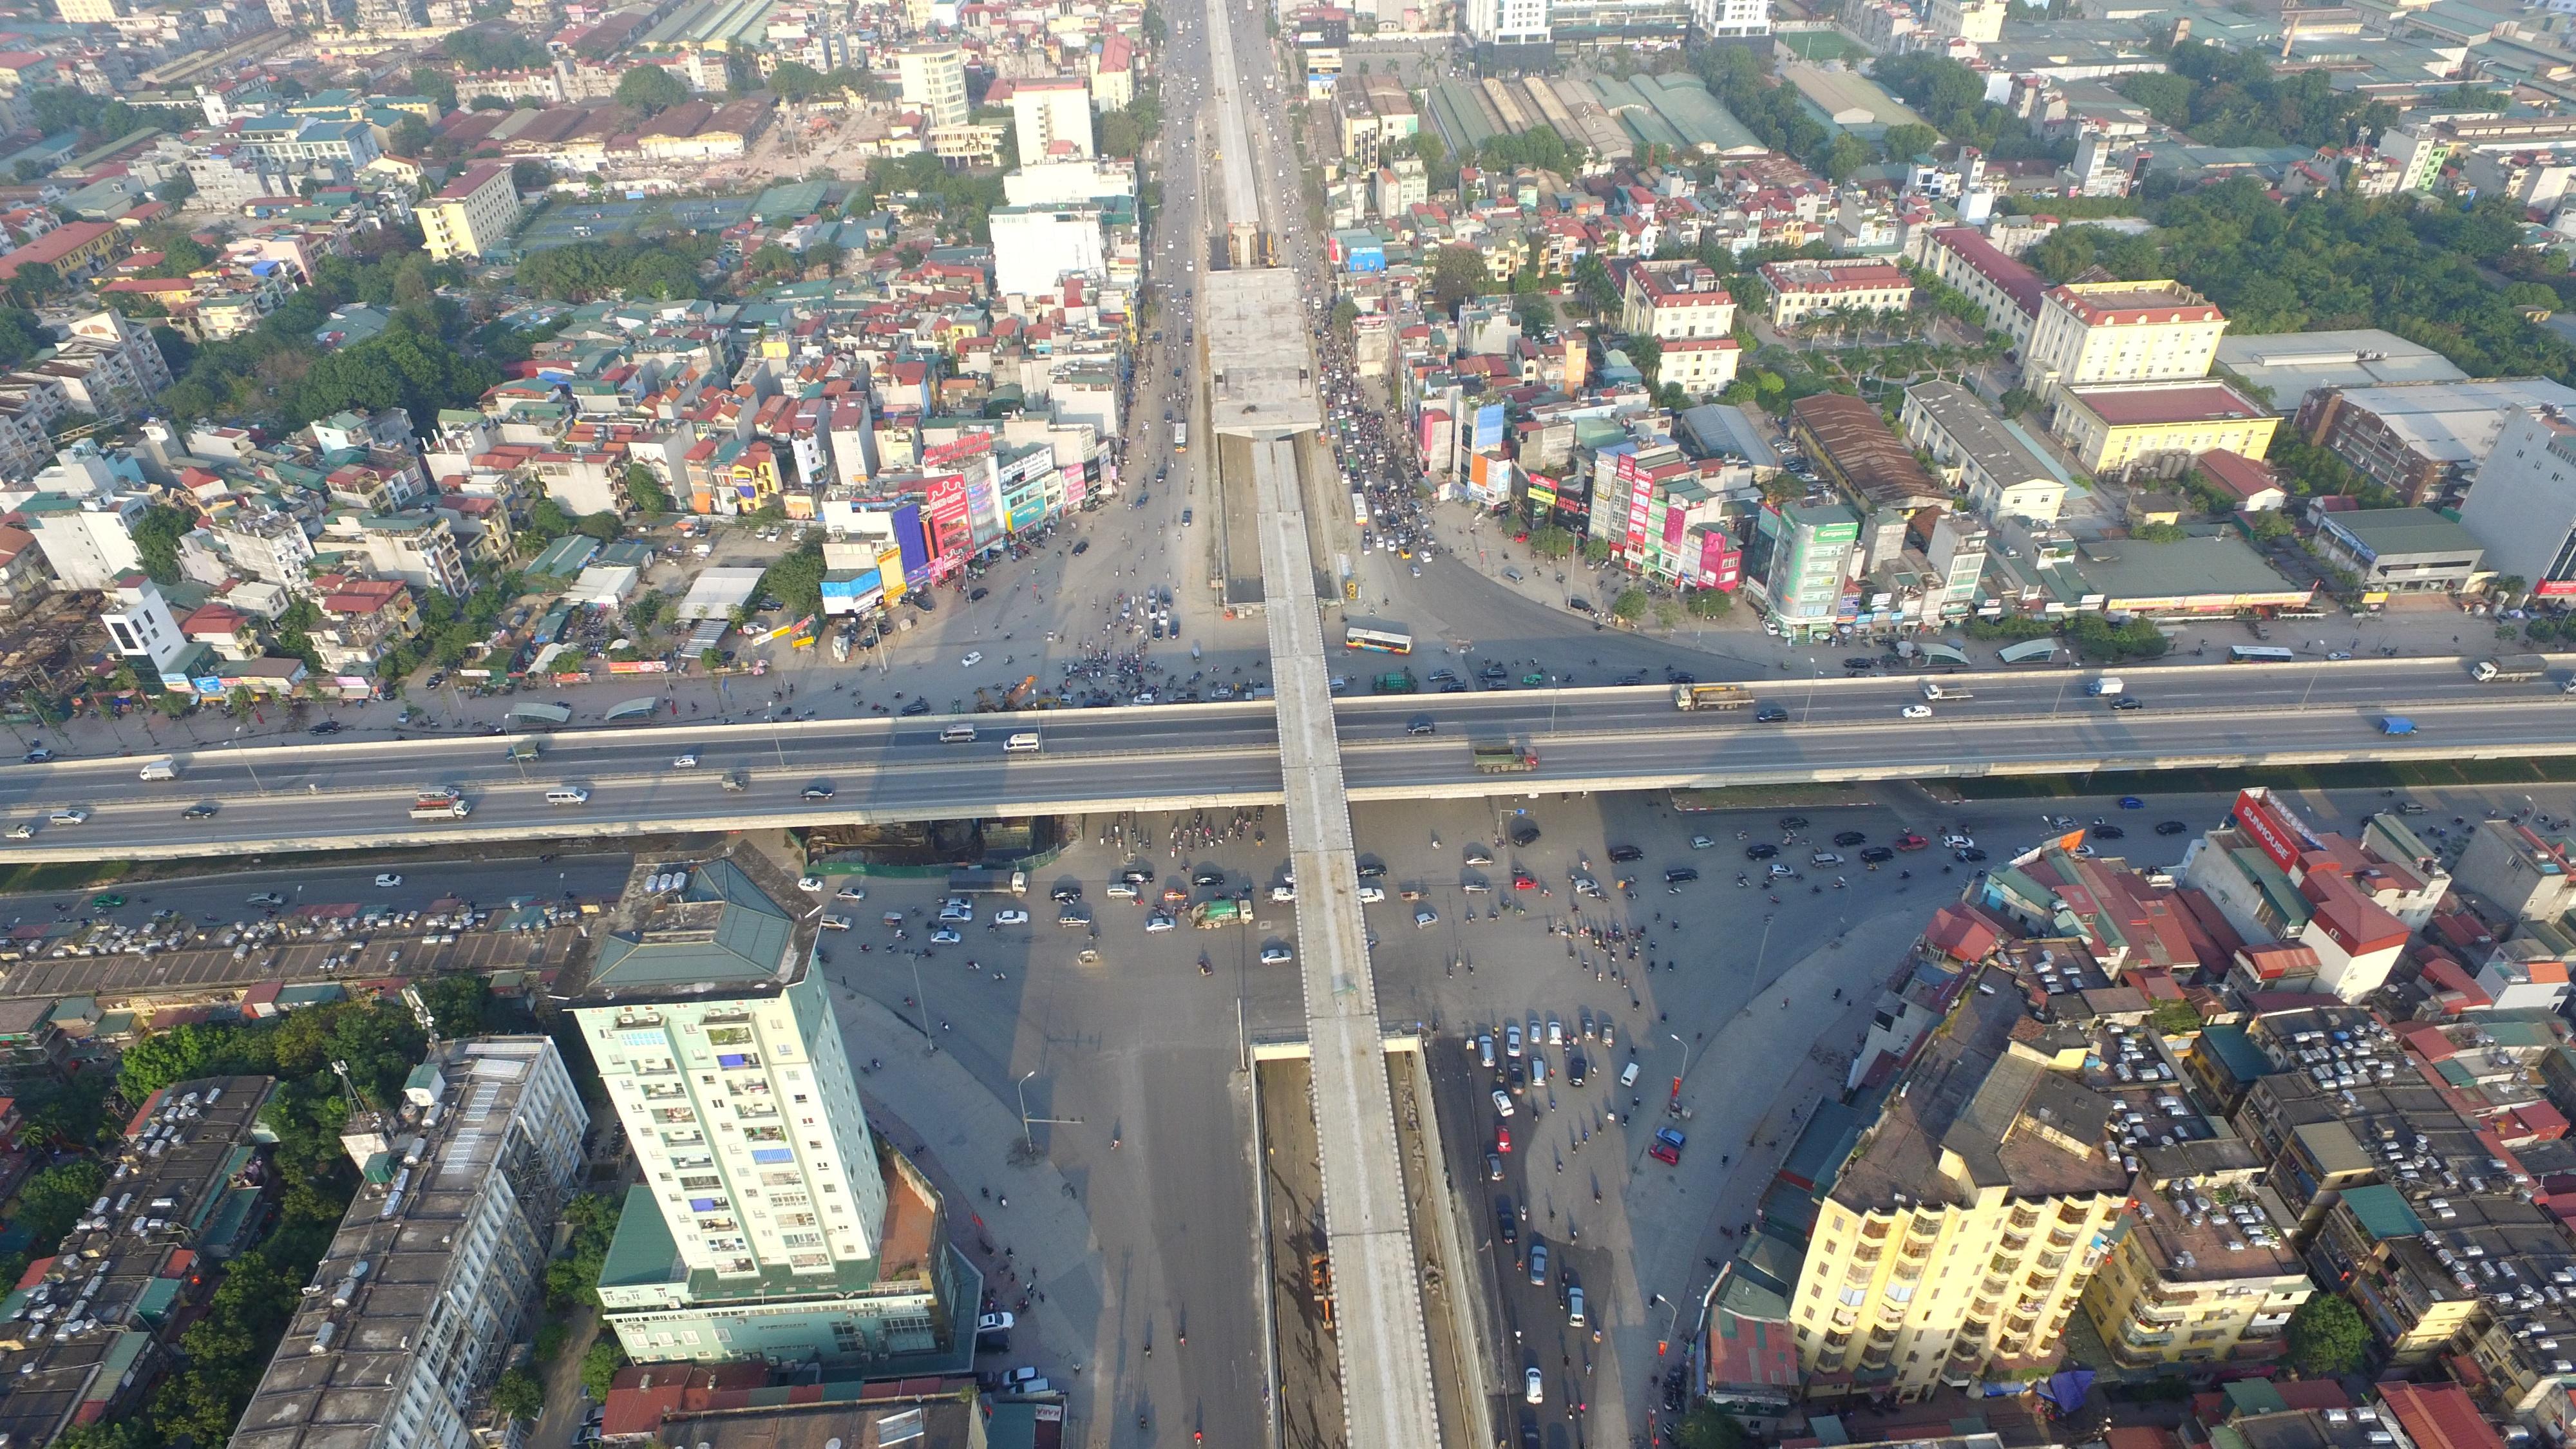 Được xem là nút giao thông 4 tầng đầu tiên của Việt Nam, dự án xây dựng hầm chui Thanh Xuân (ngã tư Nguyễn Trãi - Khuất Duy Tiến) được khởi công vào ngày 28/6/2014 với tổng mức đầu tư trên 500 tỷ đồng